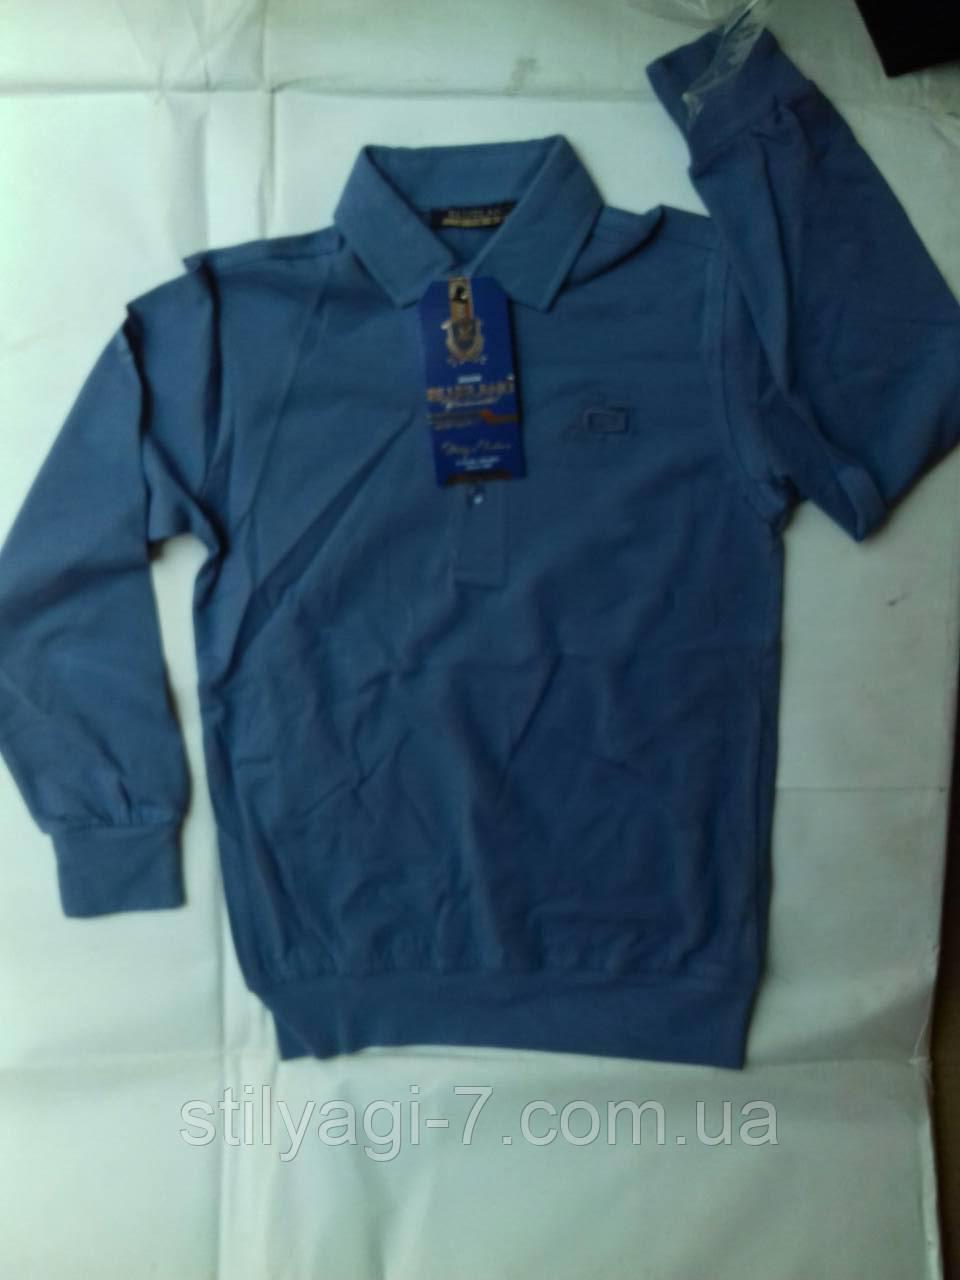 Кофта для мальчика на 6-8 лет синего цвета с воротником оптом